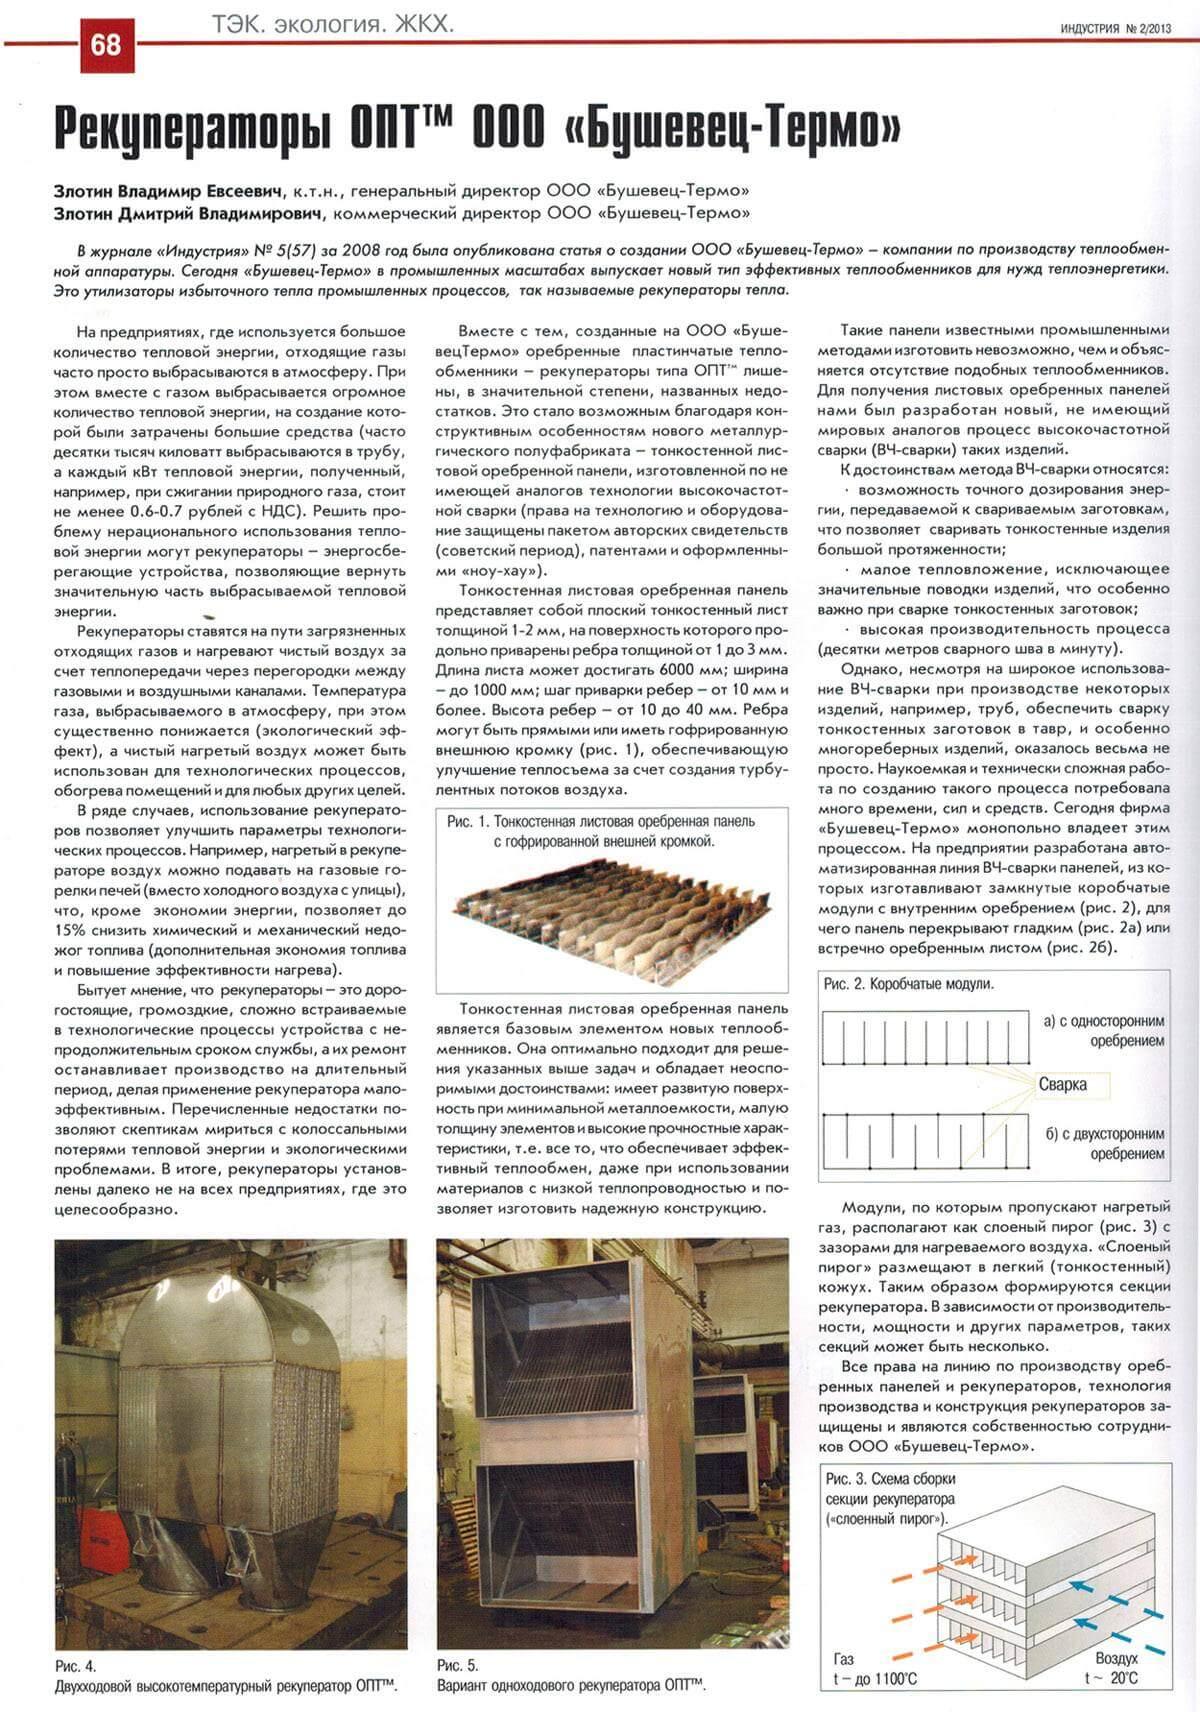 статья о рекуператорах ОПТ в ООО Бушевец-Термо